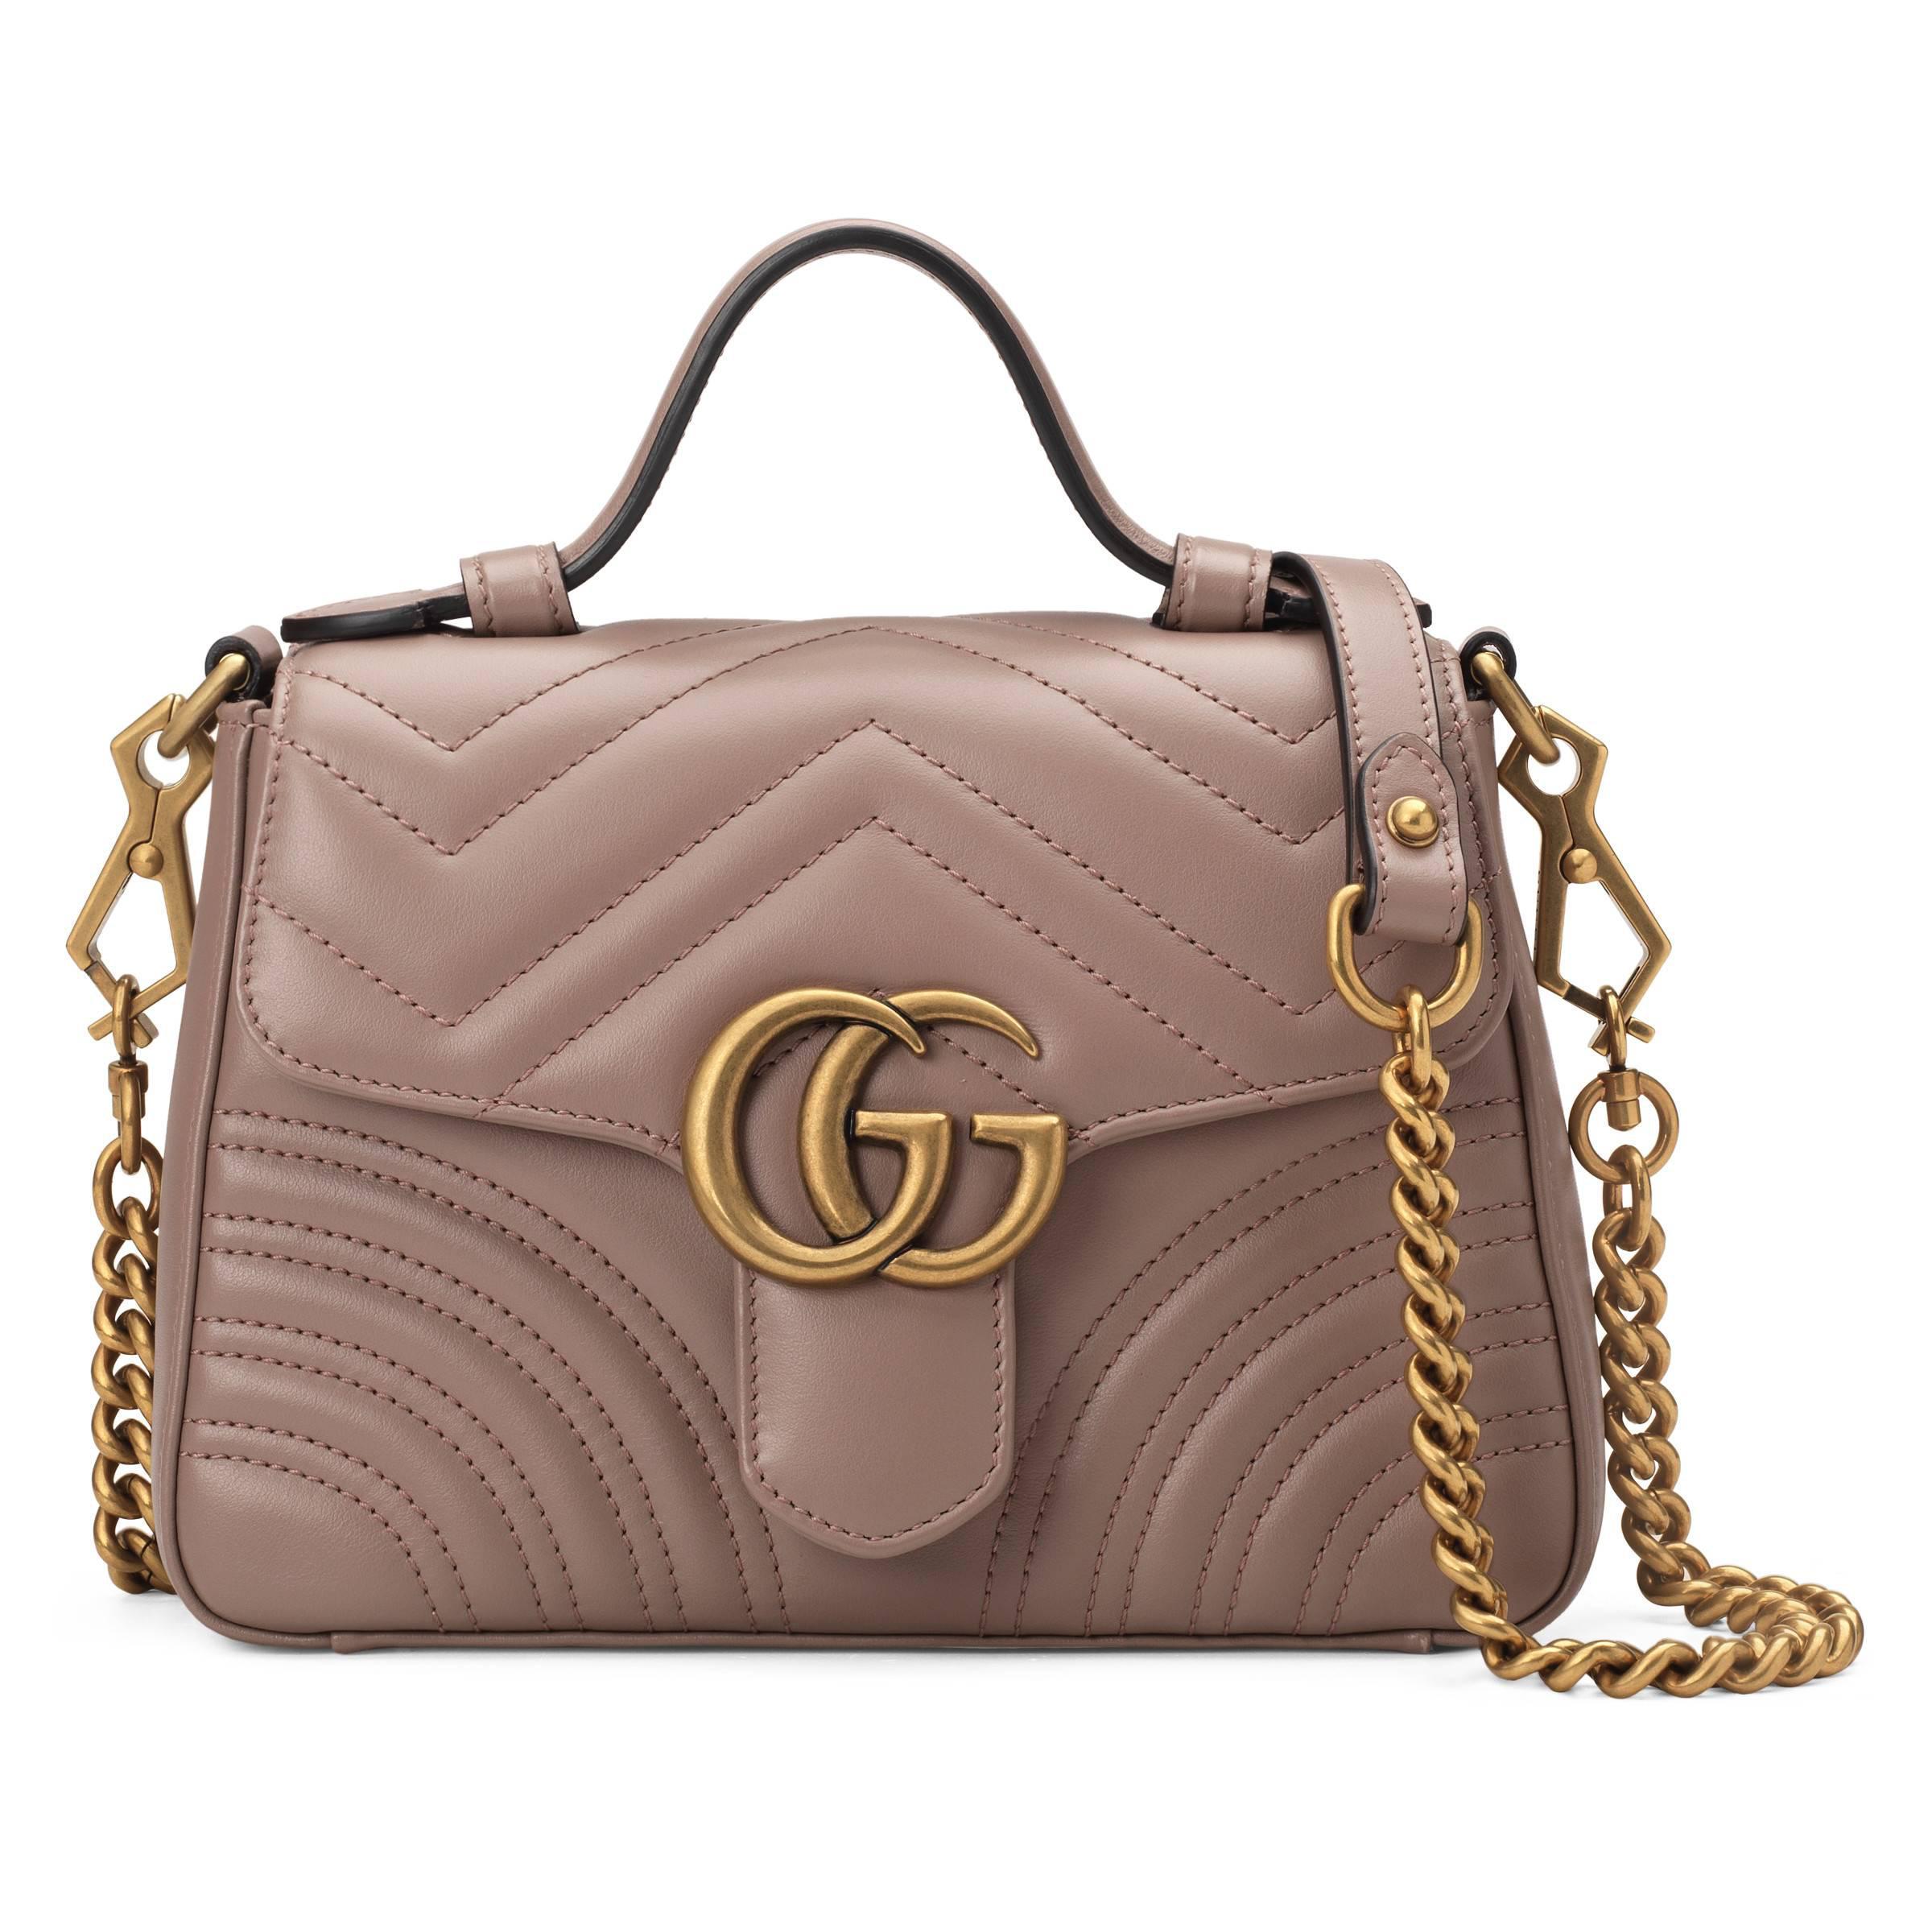 55e40dbeb6e Gucci GG Marmont Mini Top Handle Bag in Pink - Lyst